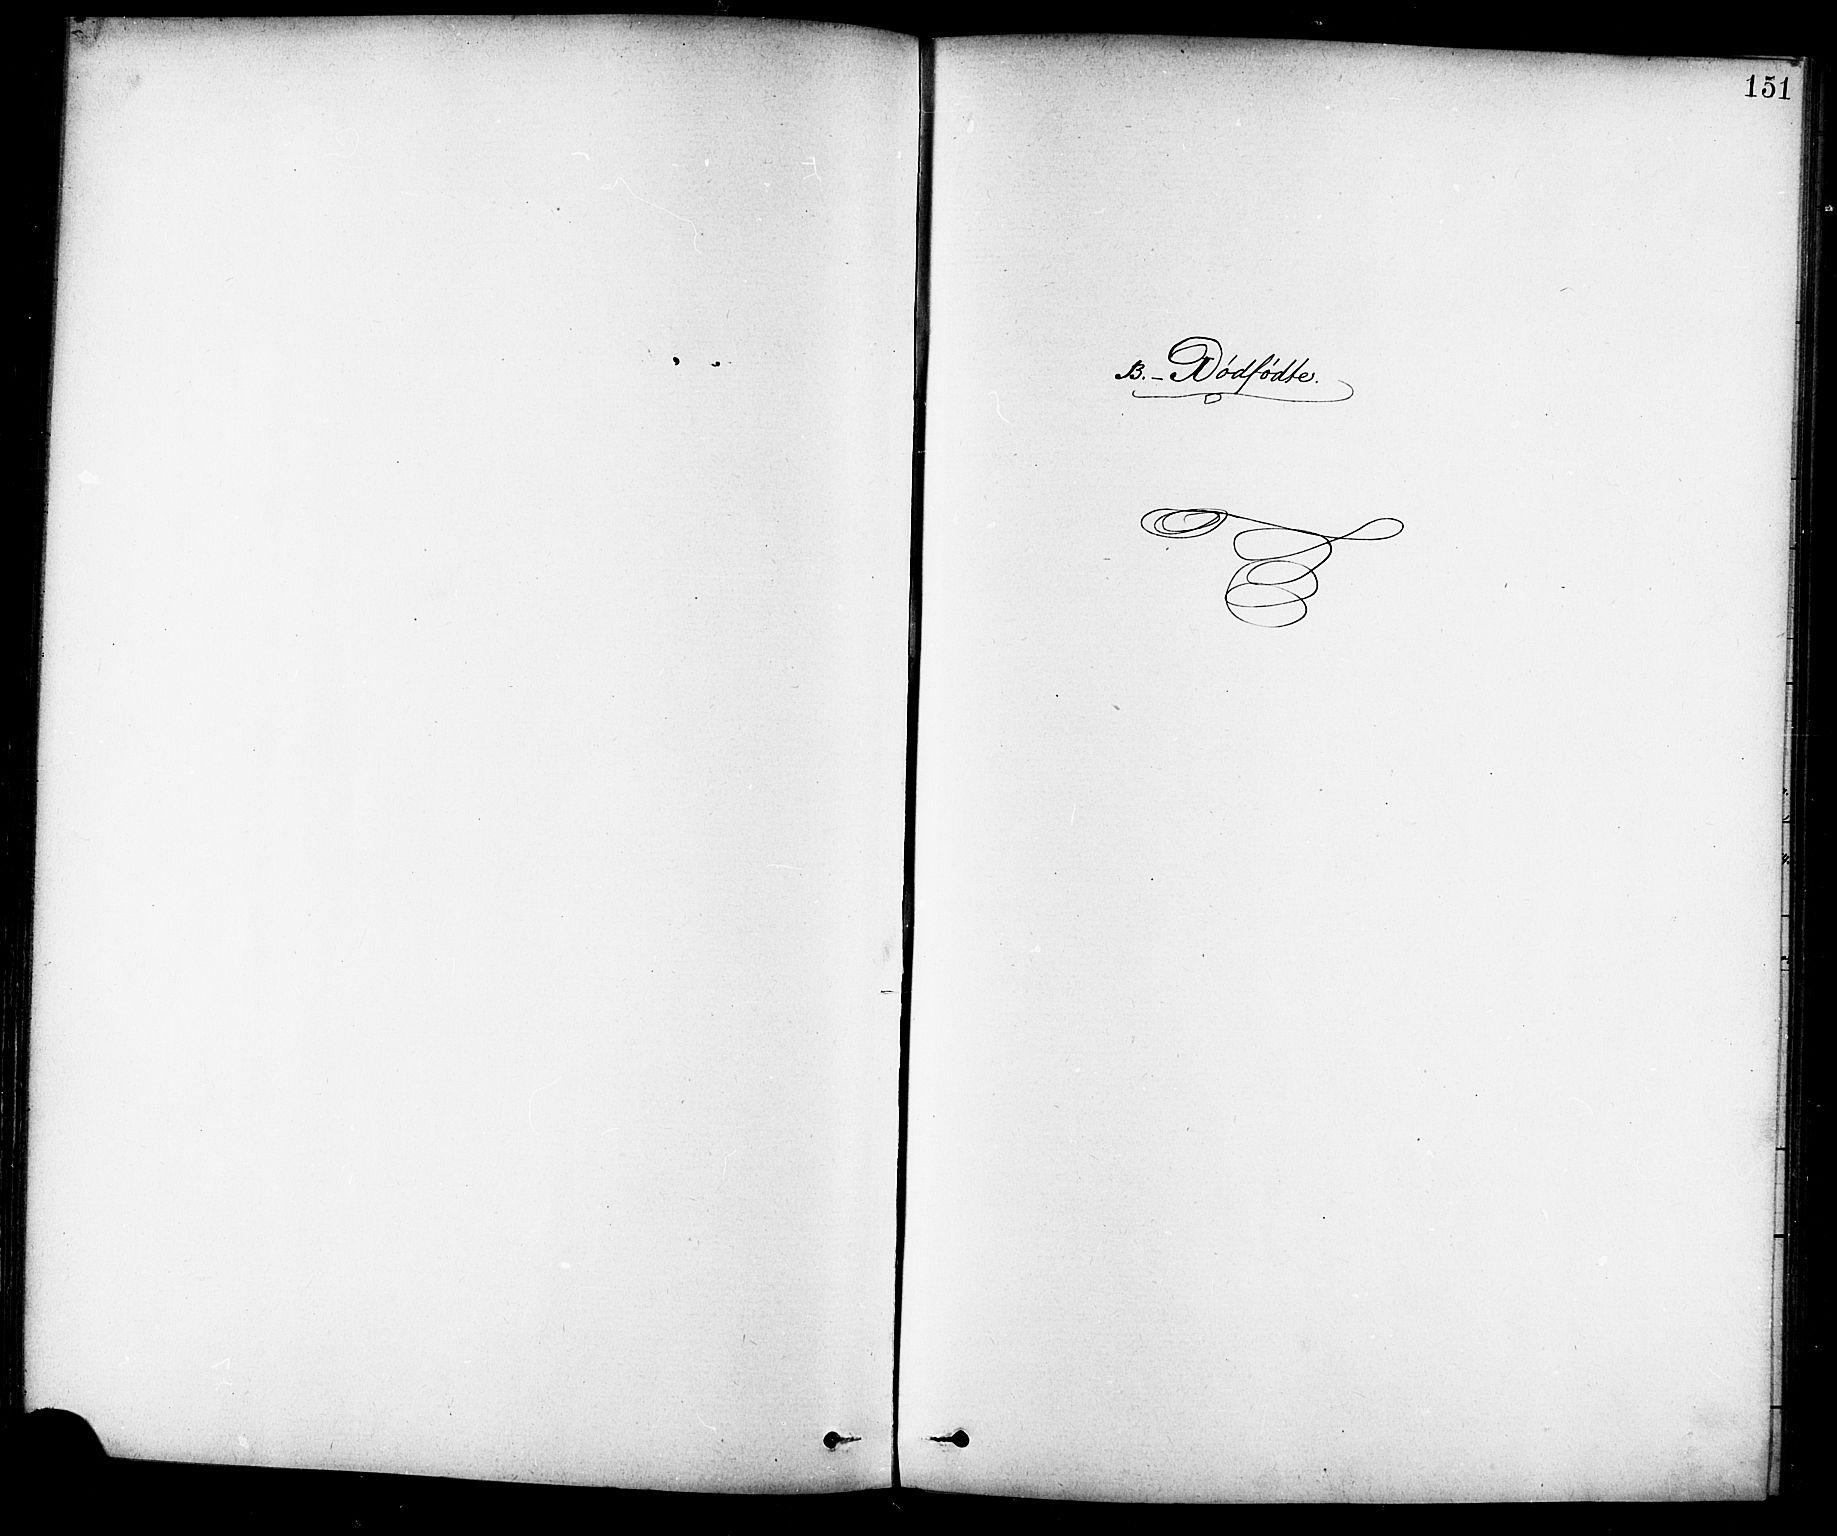 SAT, Ministerialprotokoller, klokkerbøker og fødselsregistre - Sør-Trøndelag, 691/L1094: Klokkerbok nr. 691C05, 1879-1911, s. 151